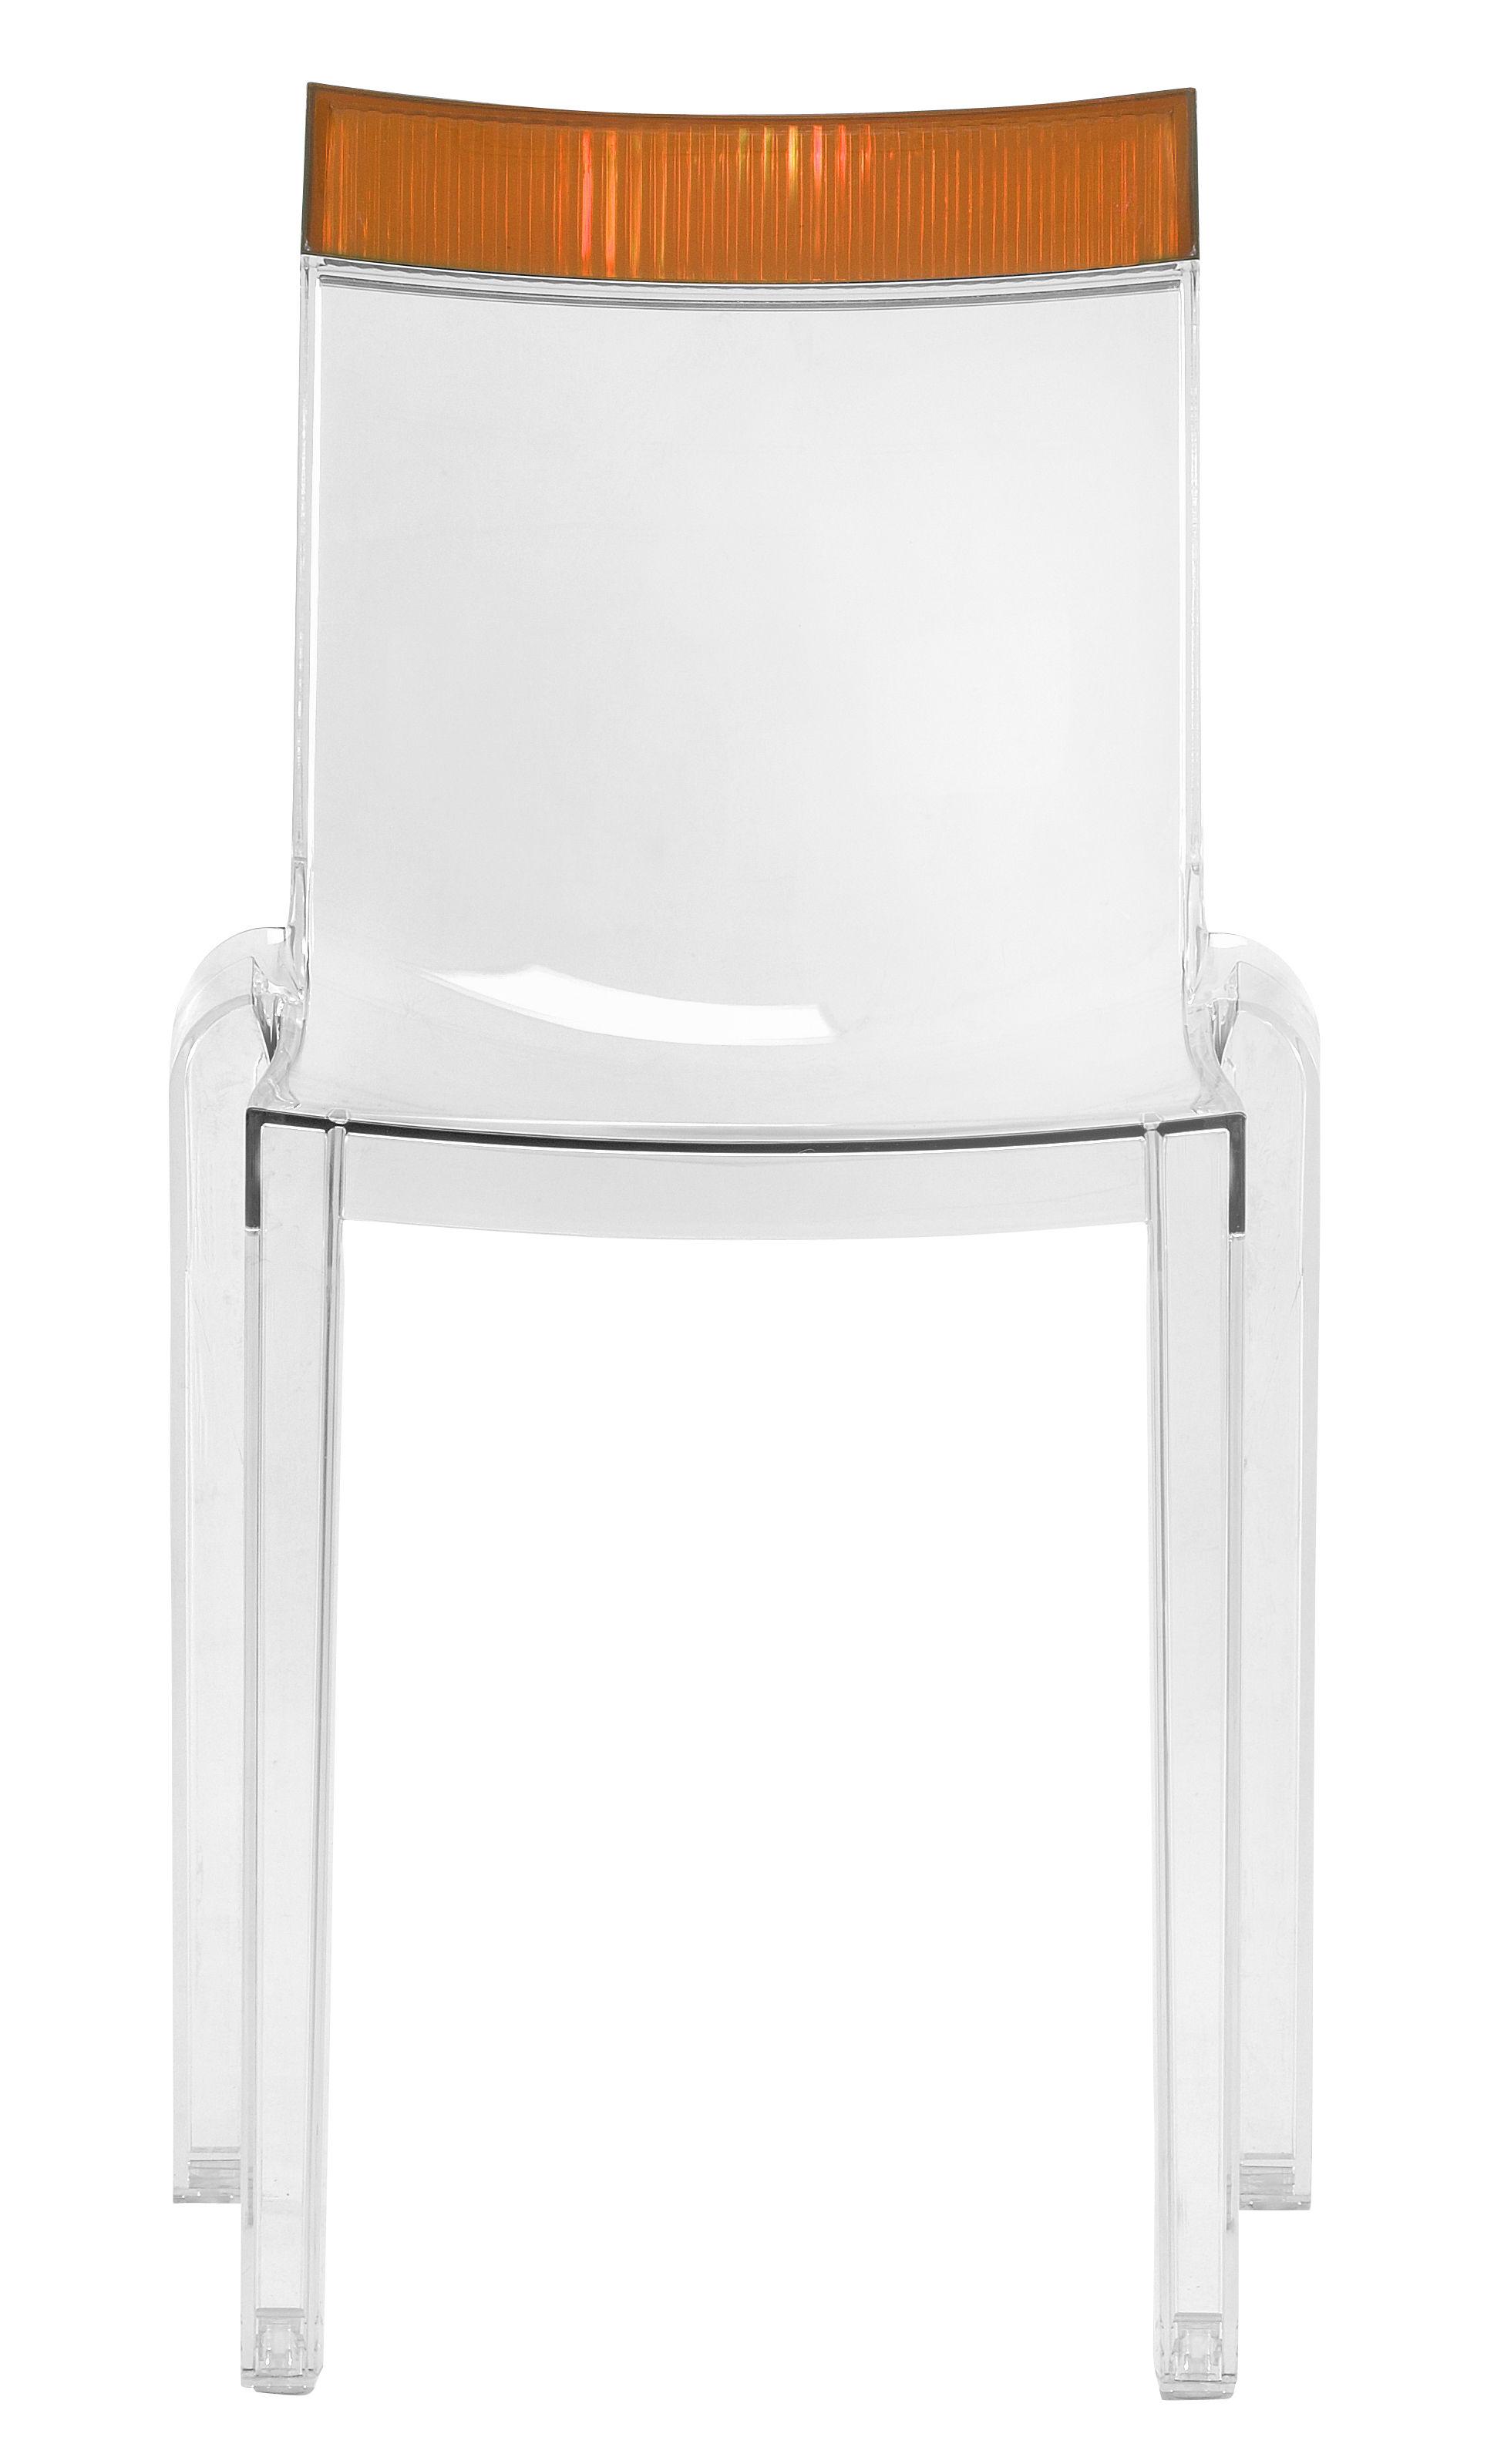 chaise empilable hi cut kartell cristal orange l 48 x h 86 made in design. Black Bedroom Furniture Sets. Home Design Ideas